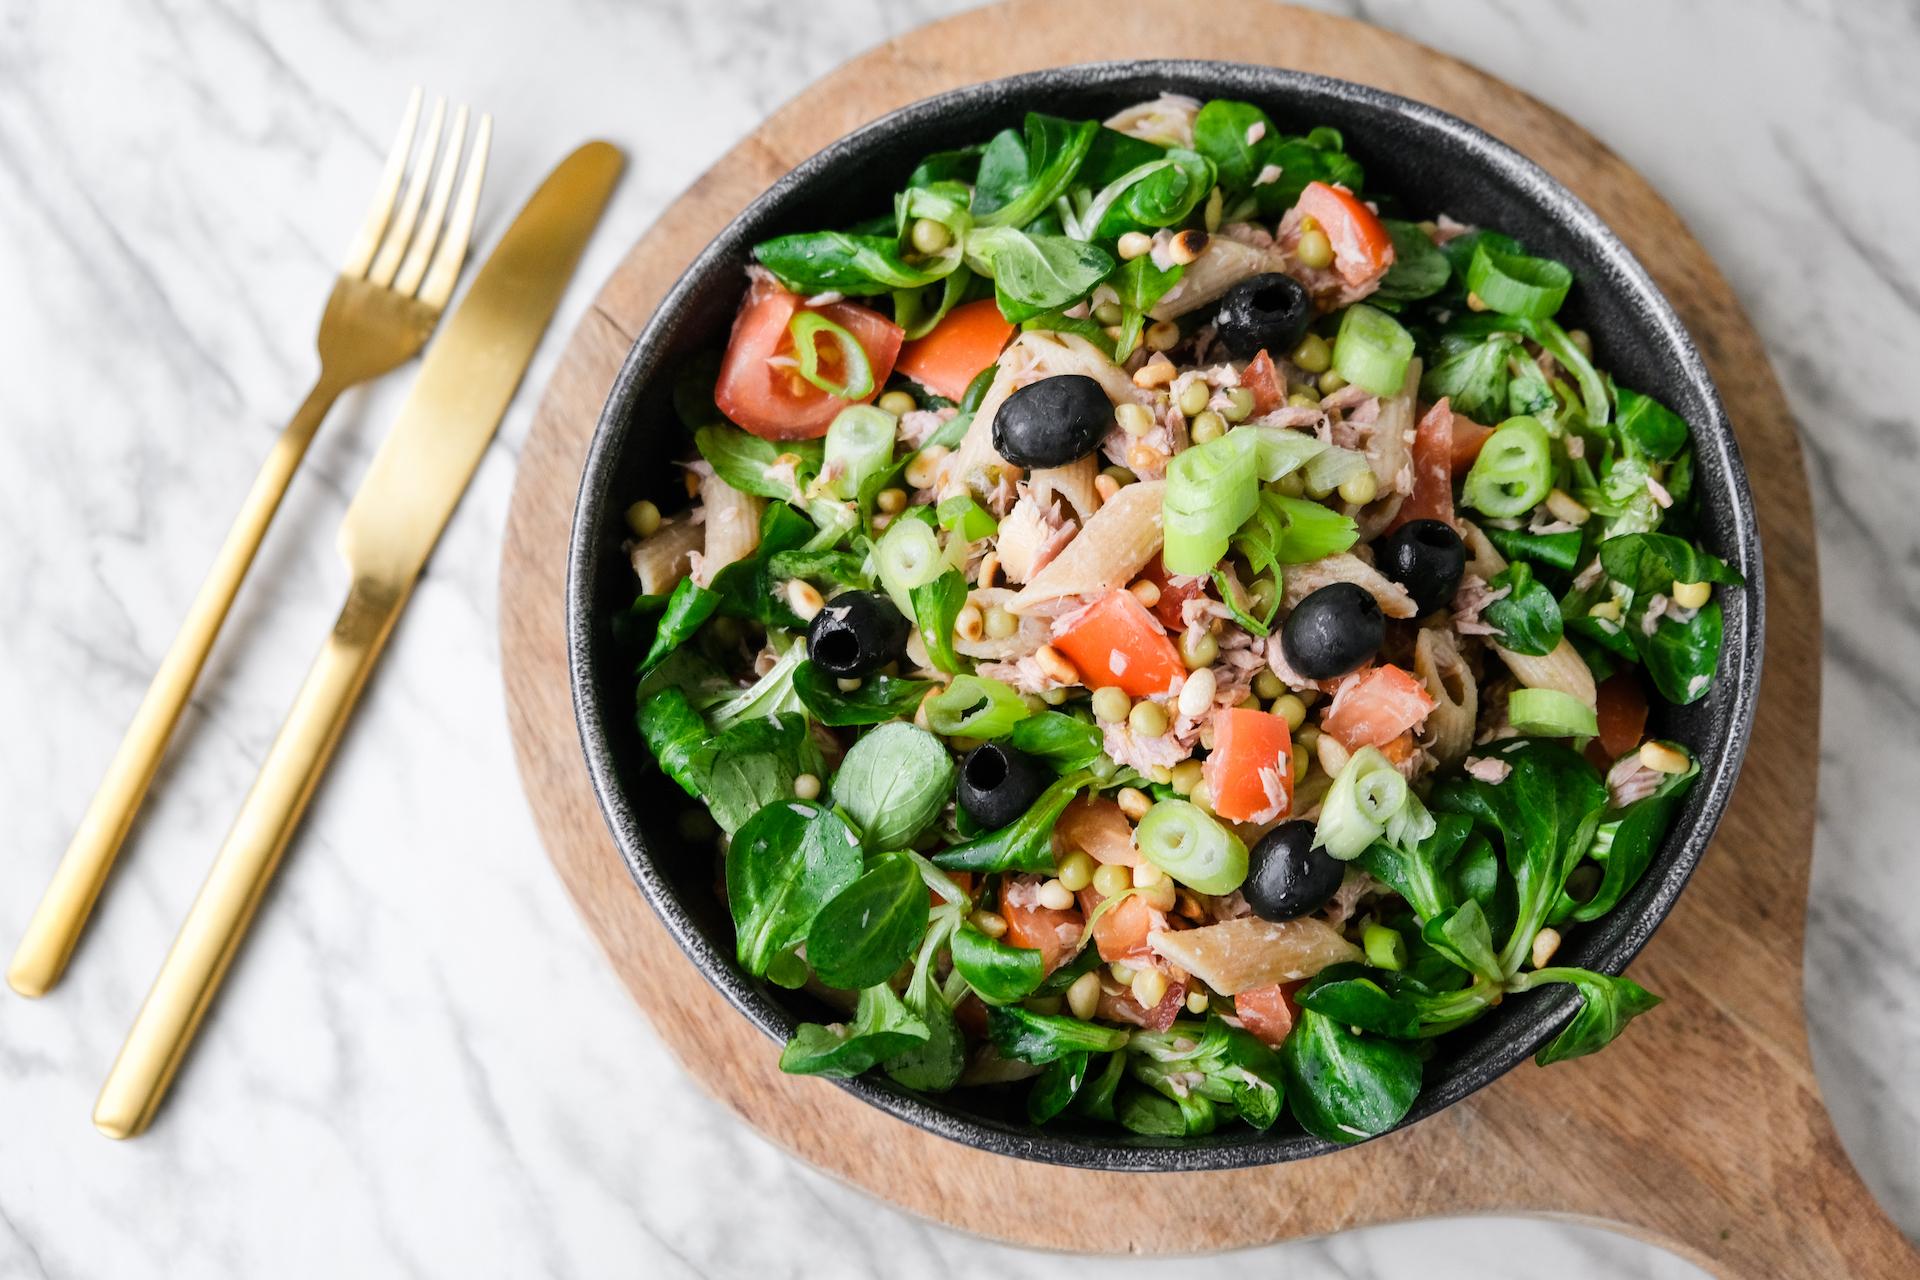 tonijnsalade fitchallenge fitchannel recepten week 3